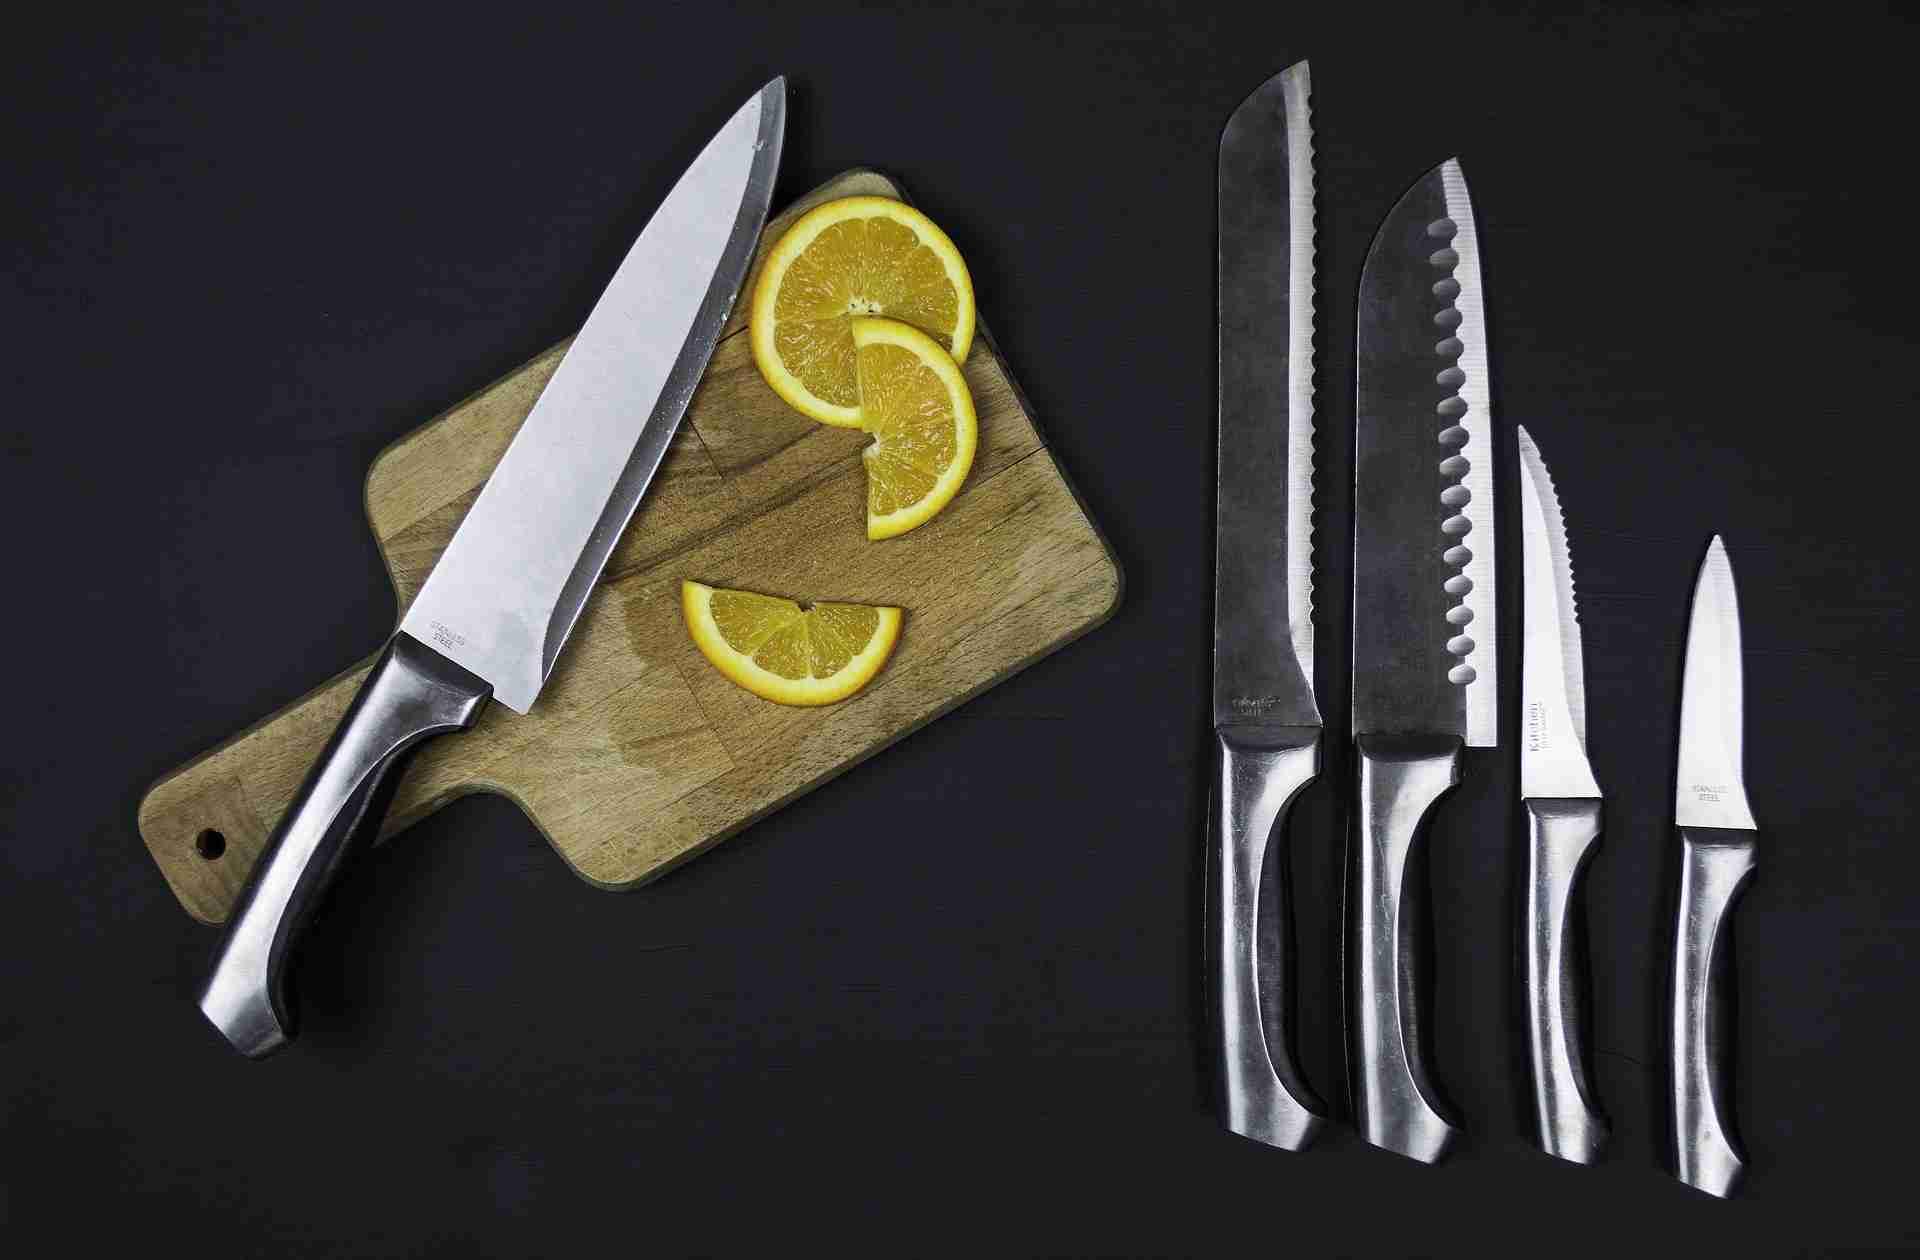 Messer entsorgen